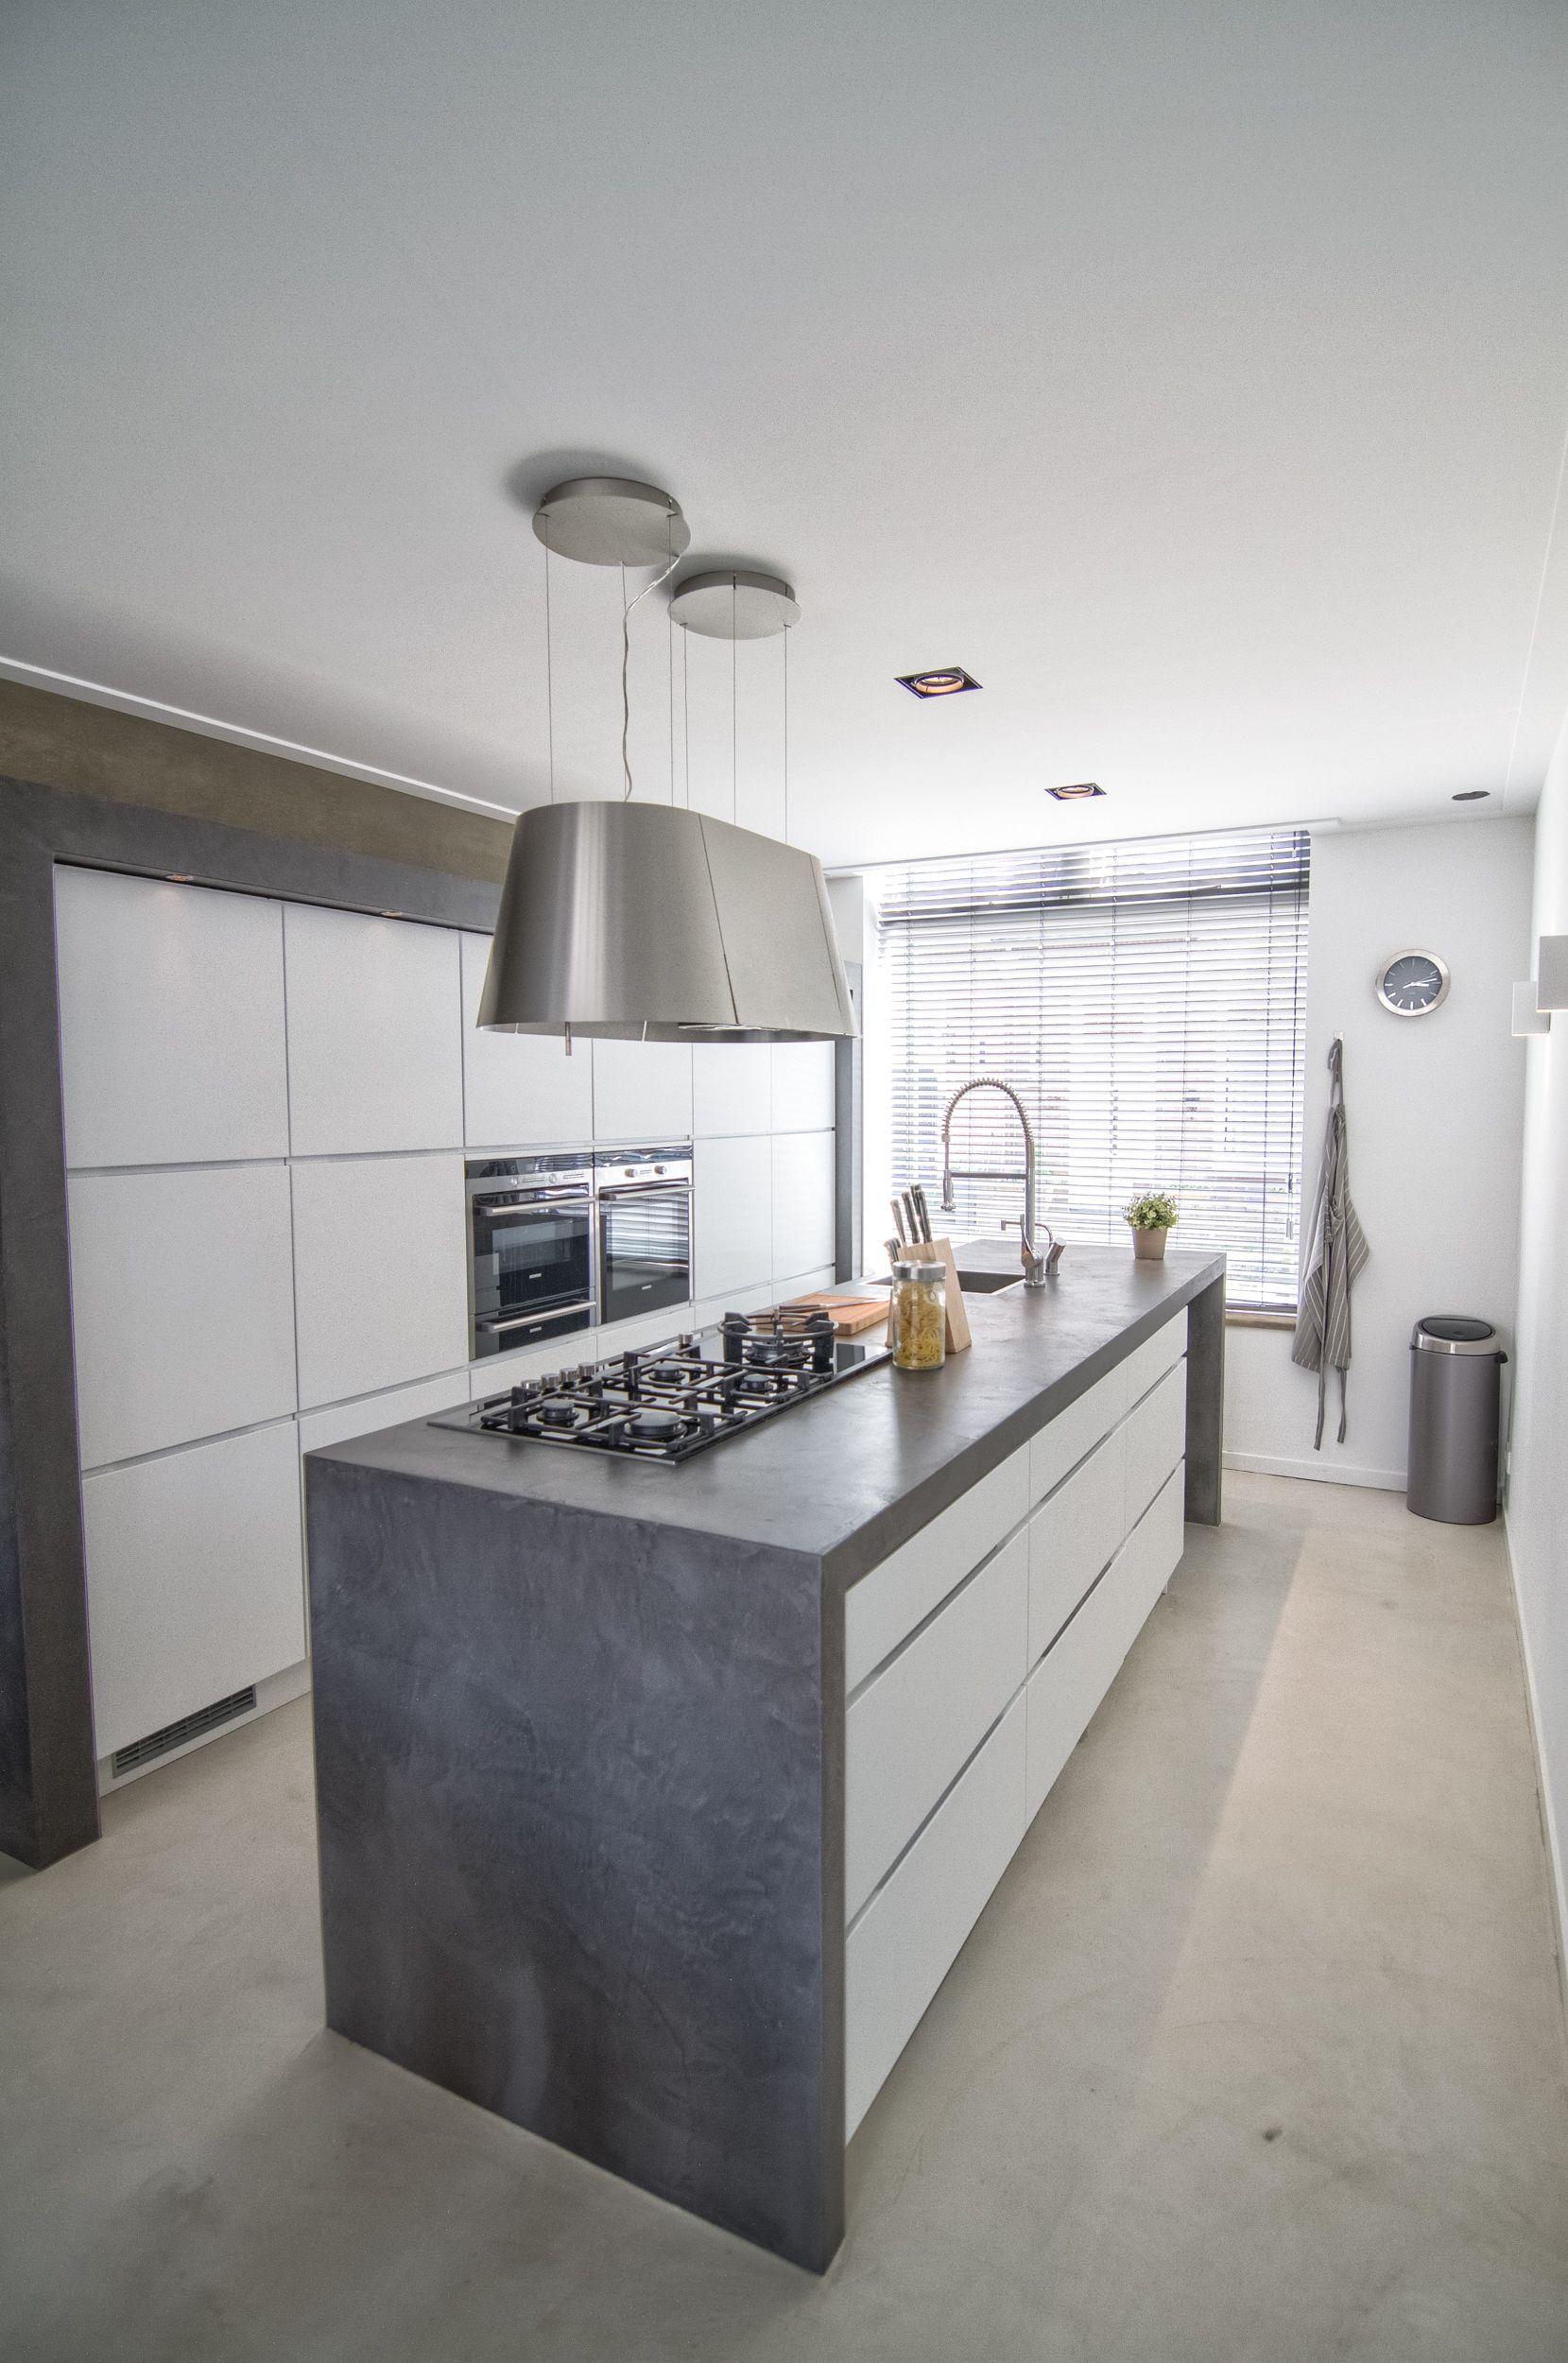 Norwegian homes, white pendants and pendant lighting on pinterest